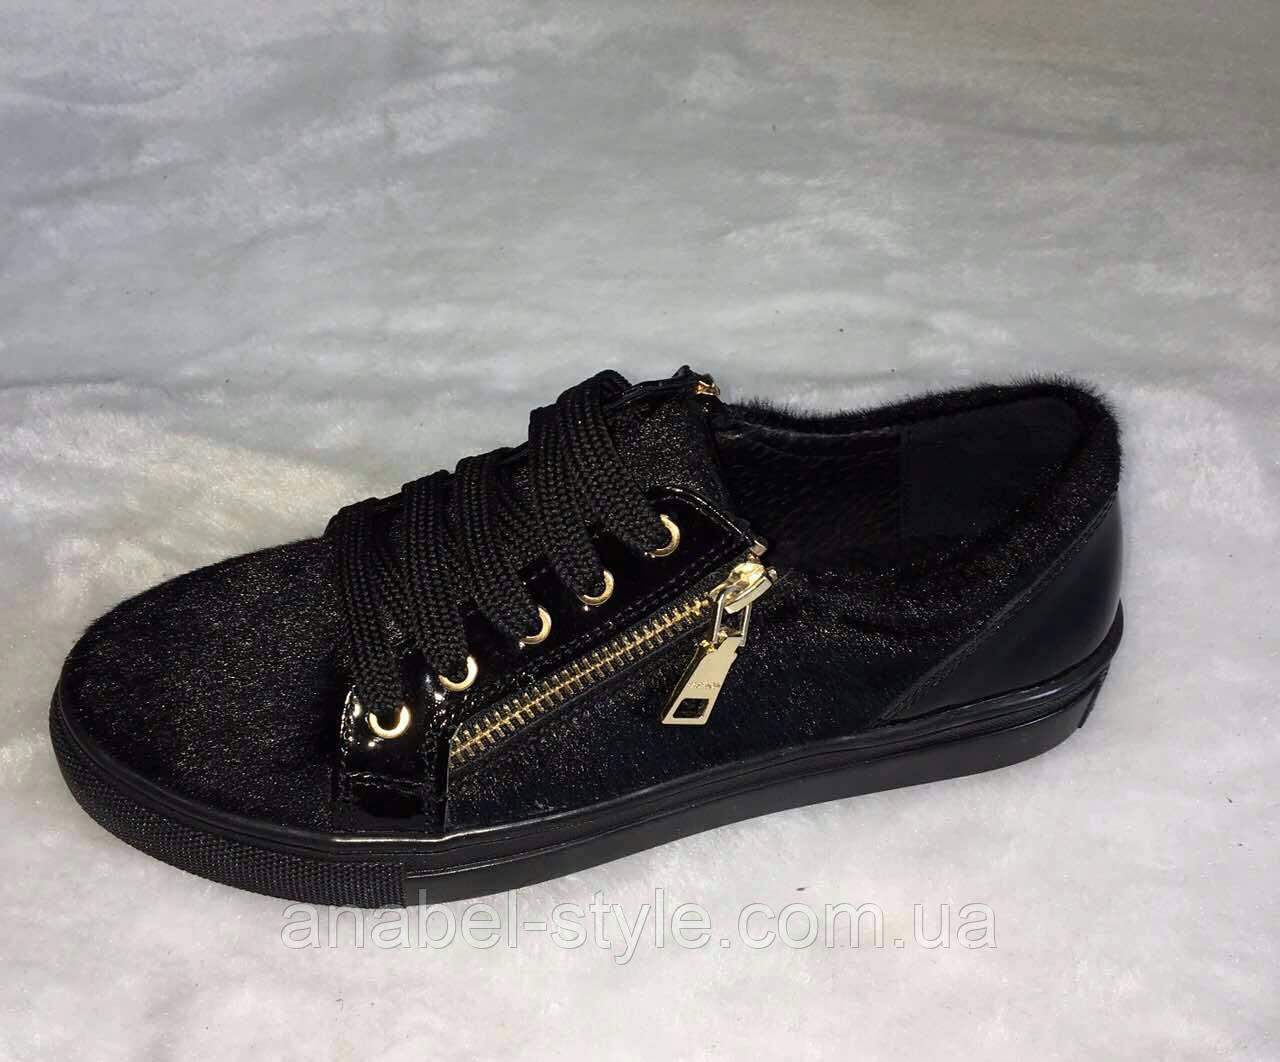 Кеди жіночі чорного кольору на шнурівці і змійці